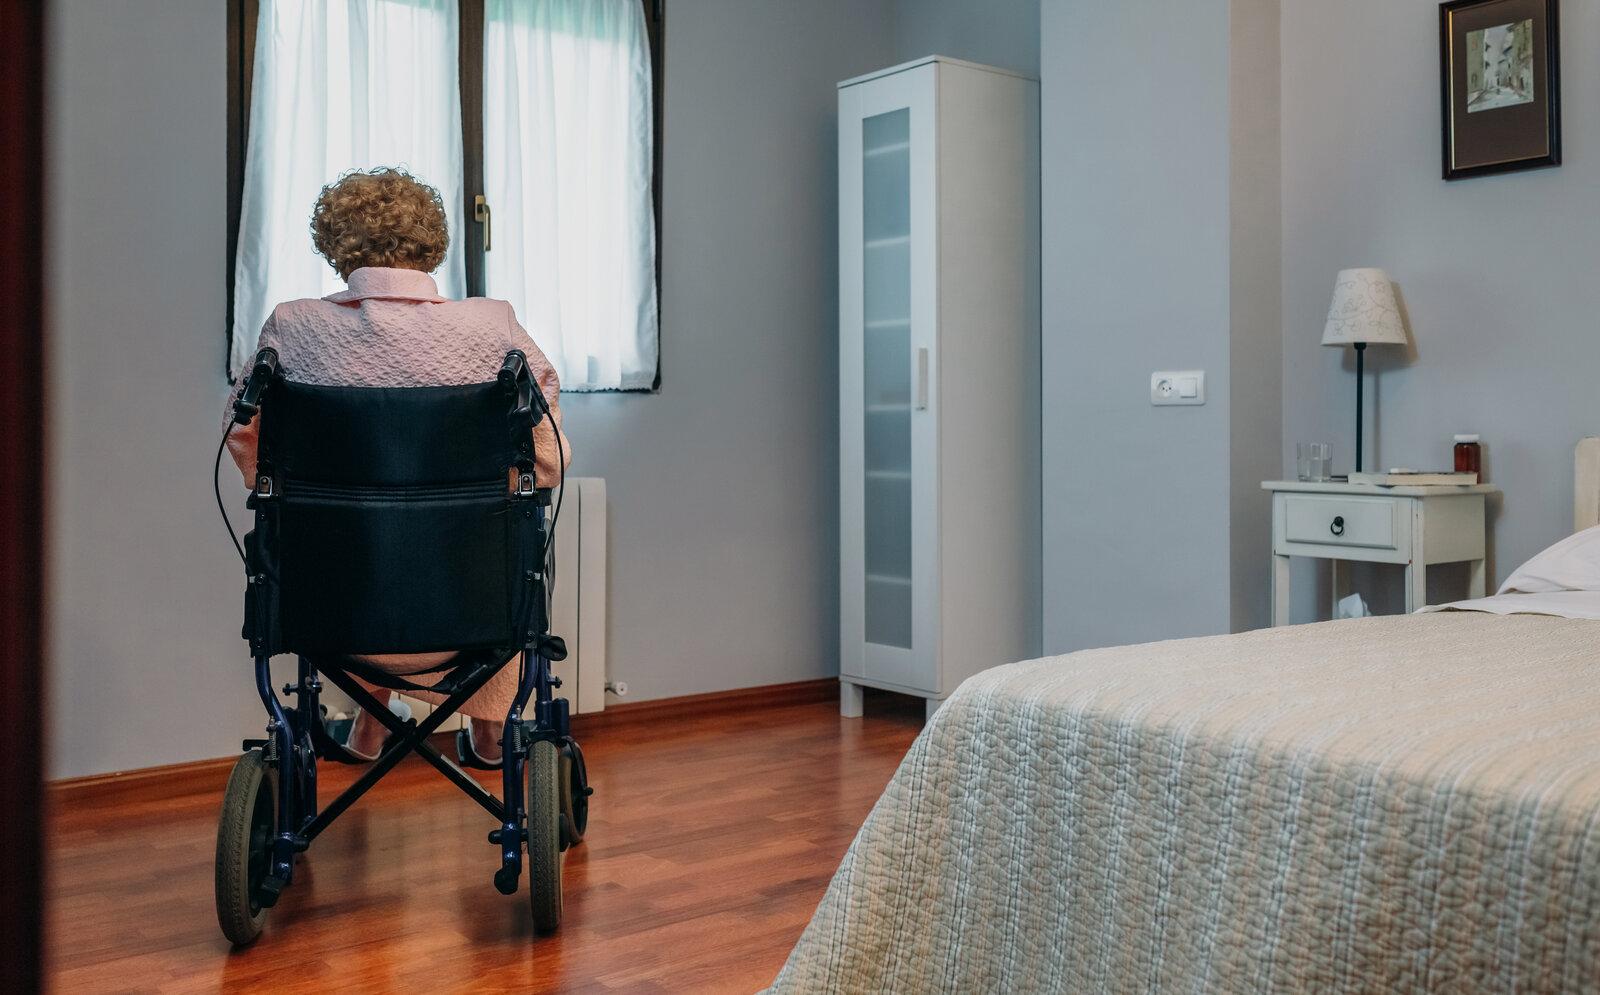 Senior patient sitting in a wheelchair.